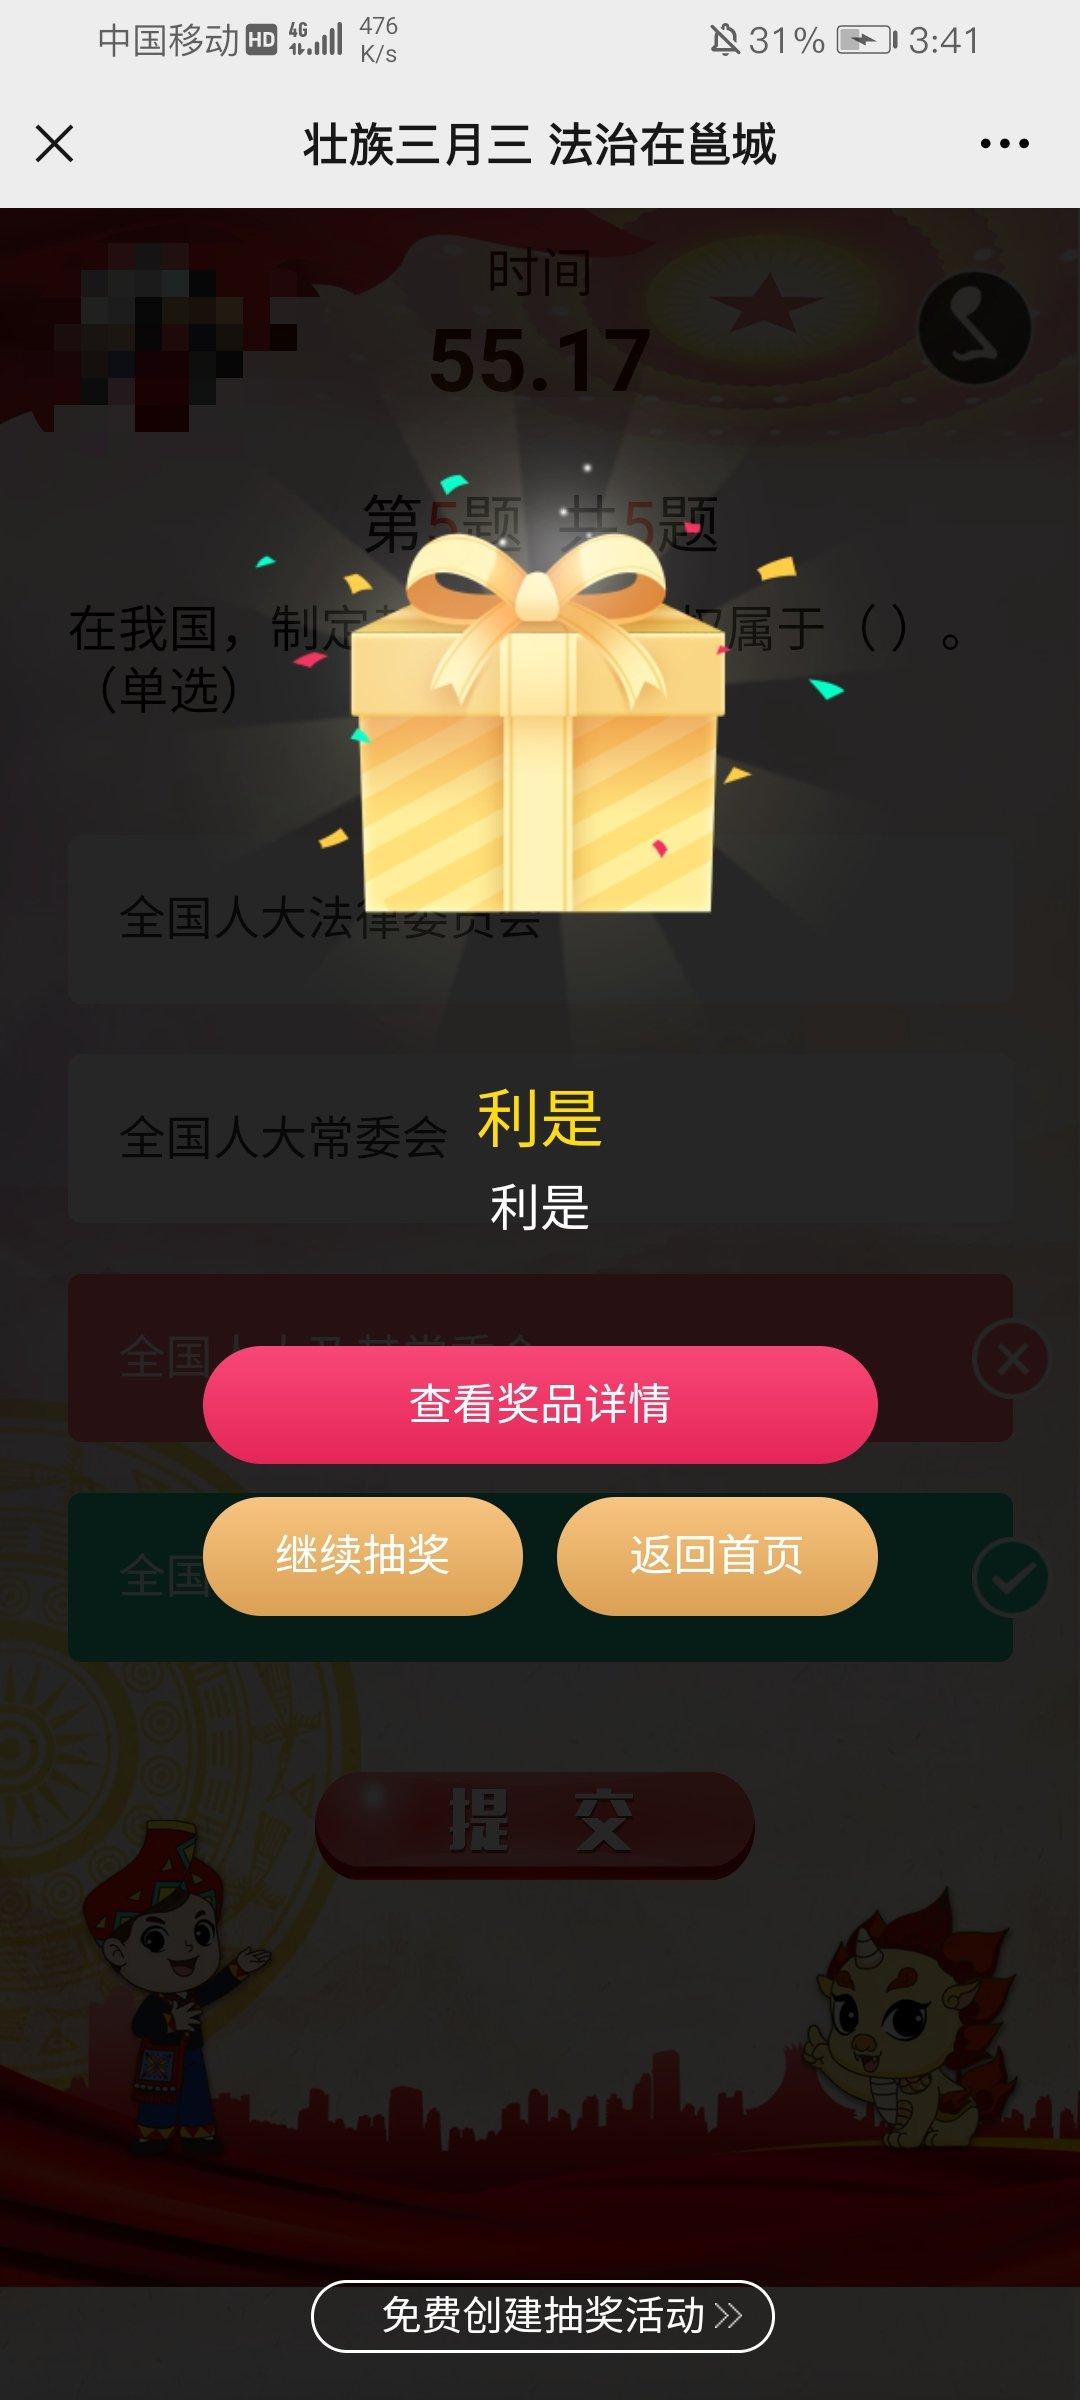 【现金红包】南宁普法在线答题免费抽红包